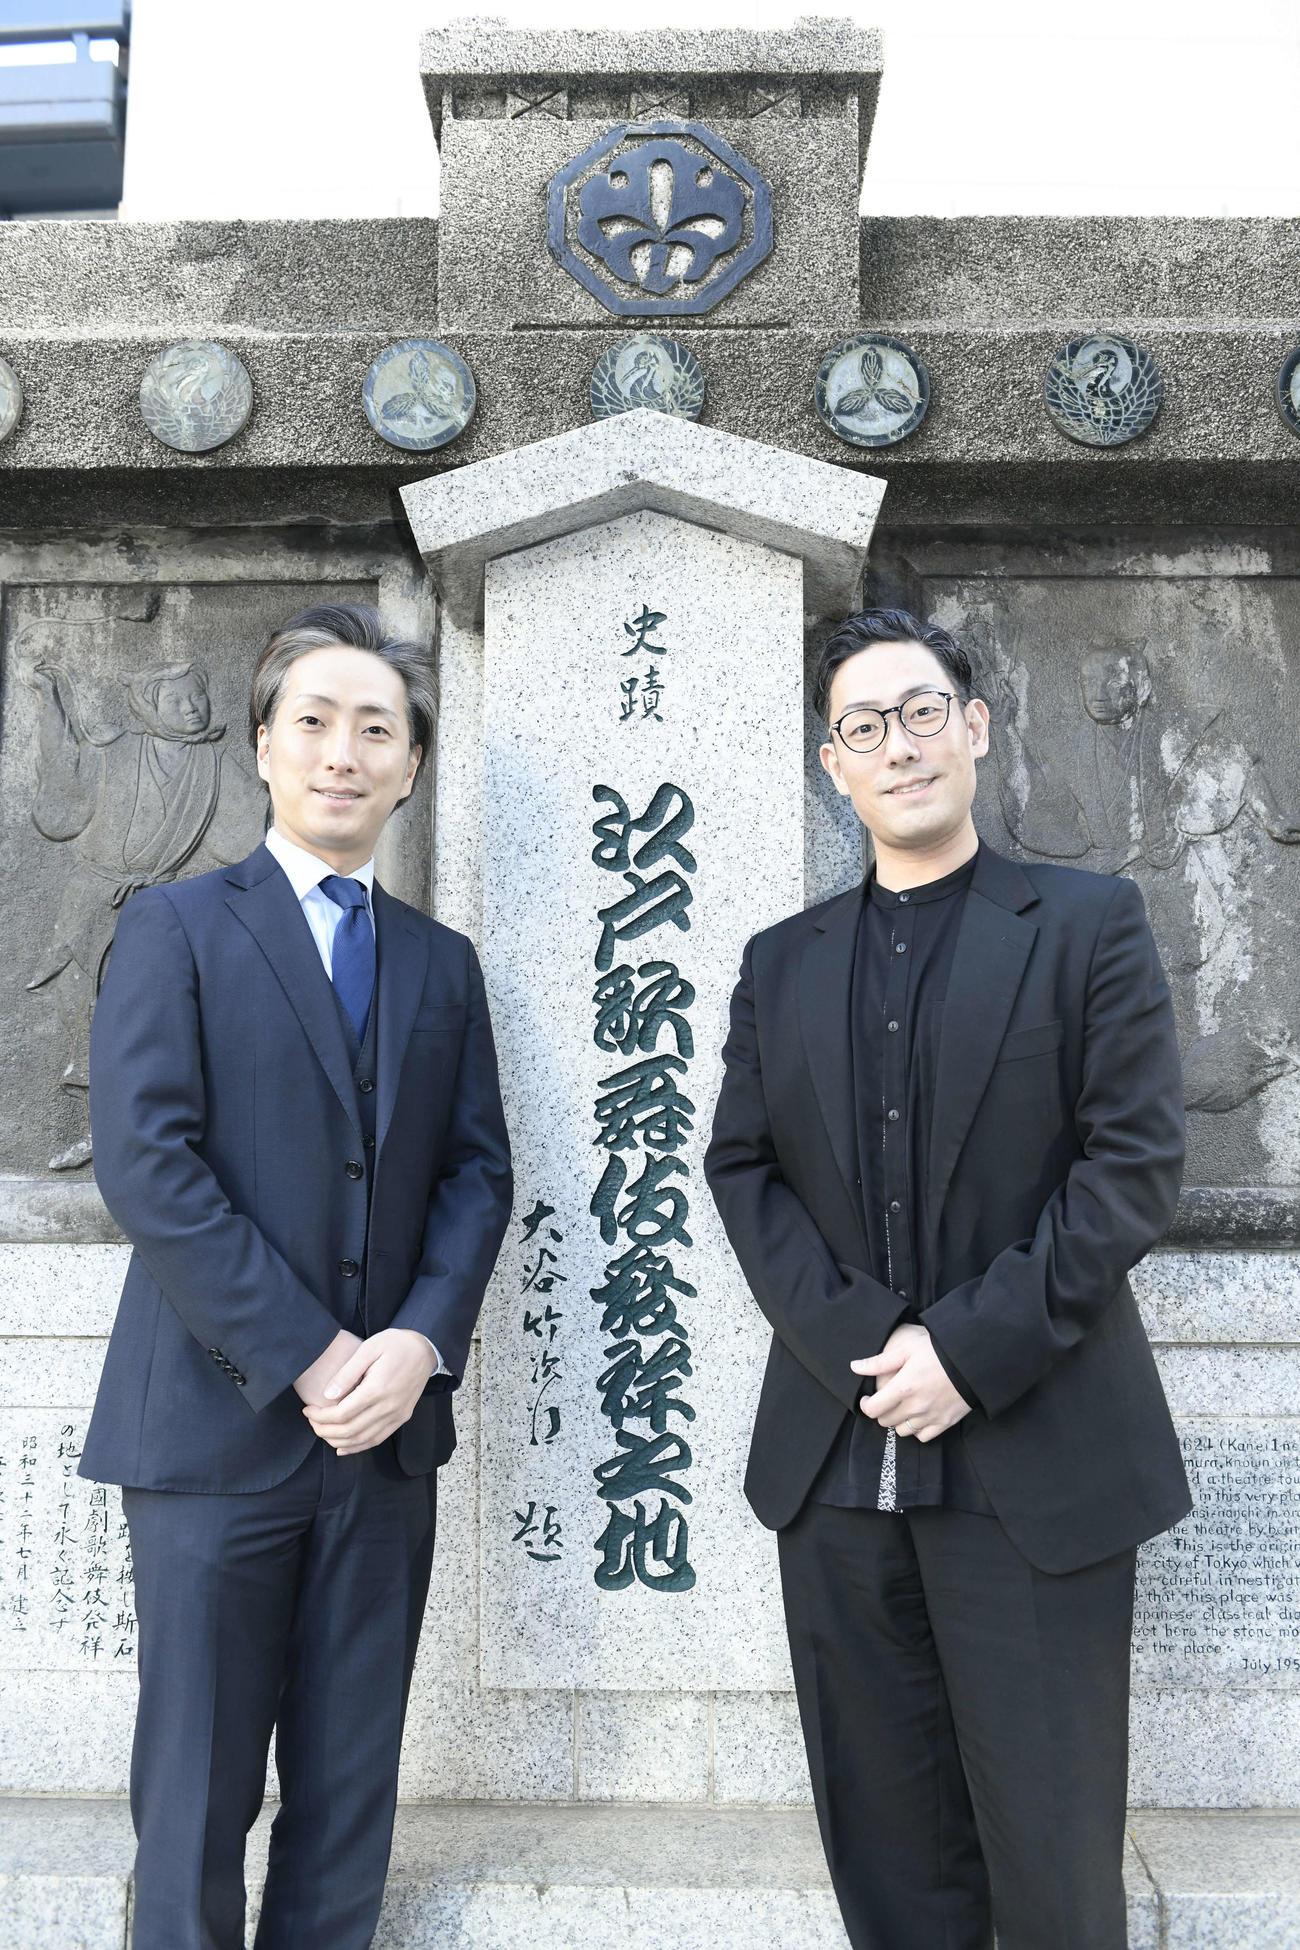 「江戸歌舞伎発祥之地」記念碑を訪れた中村七之助(左)、中村勘九郎